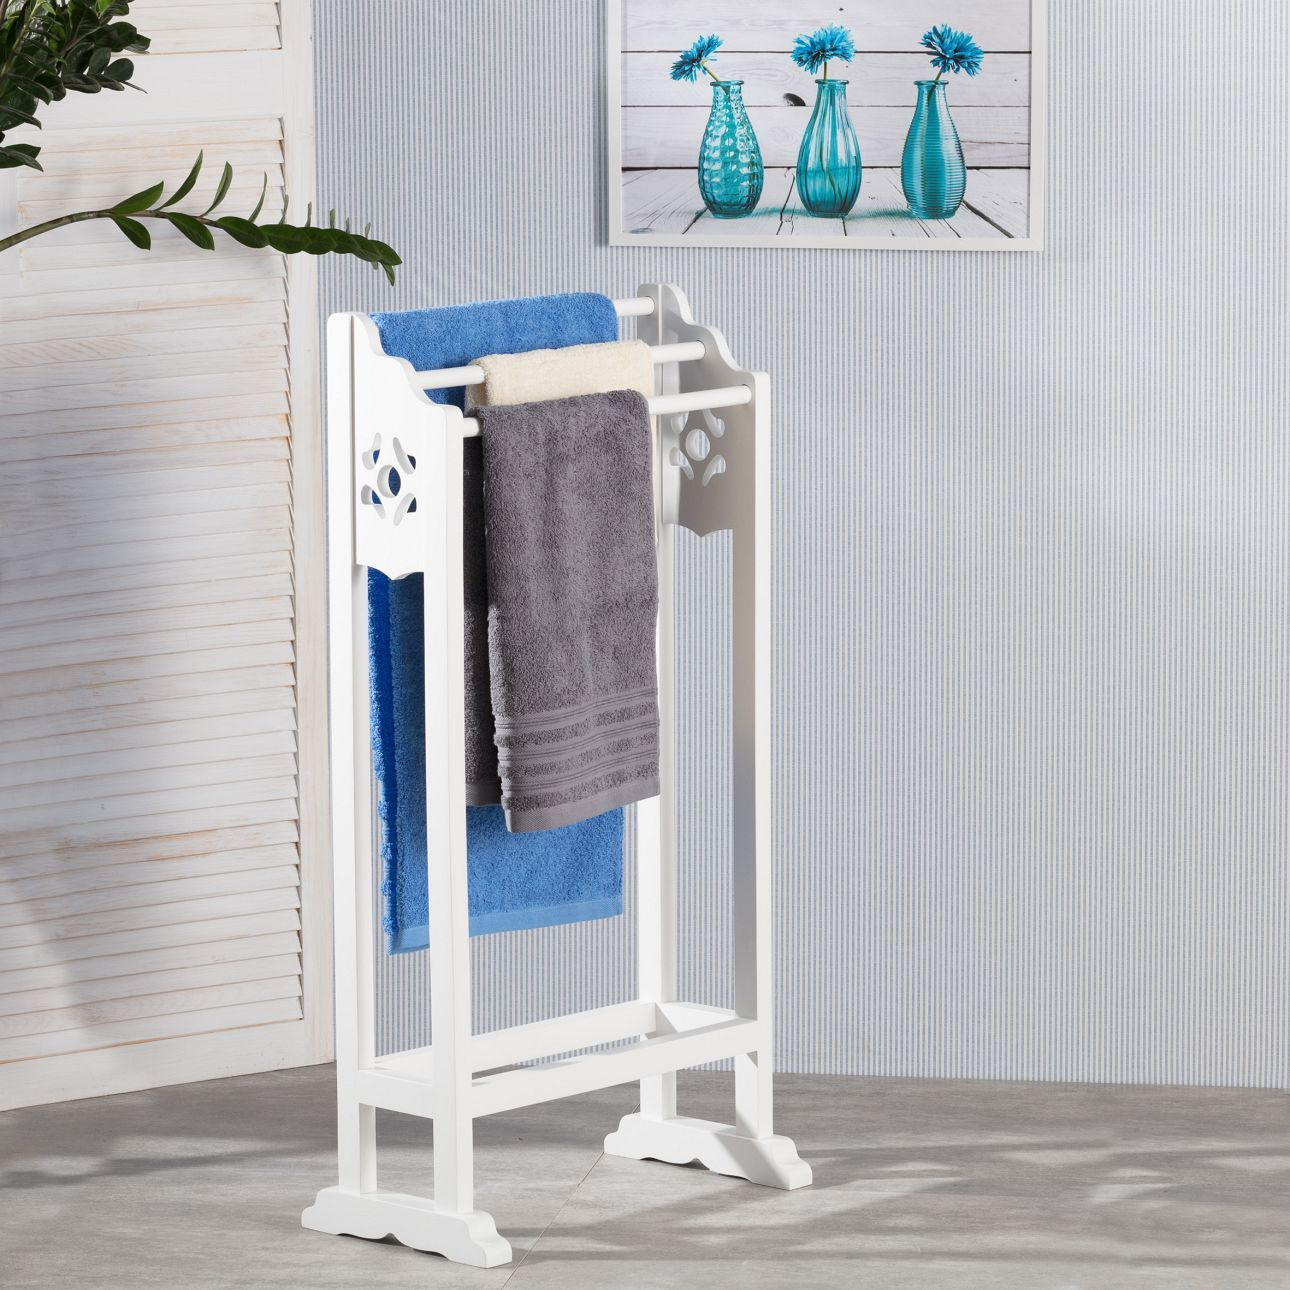 Immer Liegen Handtucher Und Kleidung Irgendwo Im Badezimmer Verstreut Der Elegante Stander Schafft Abhilfe